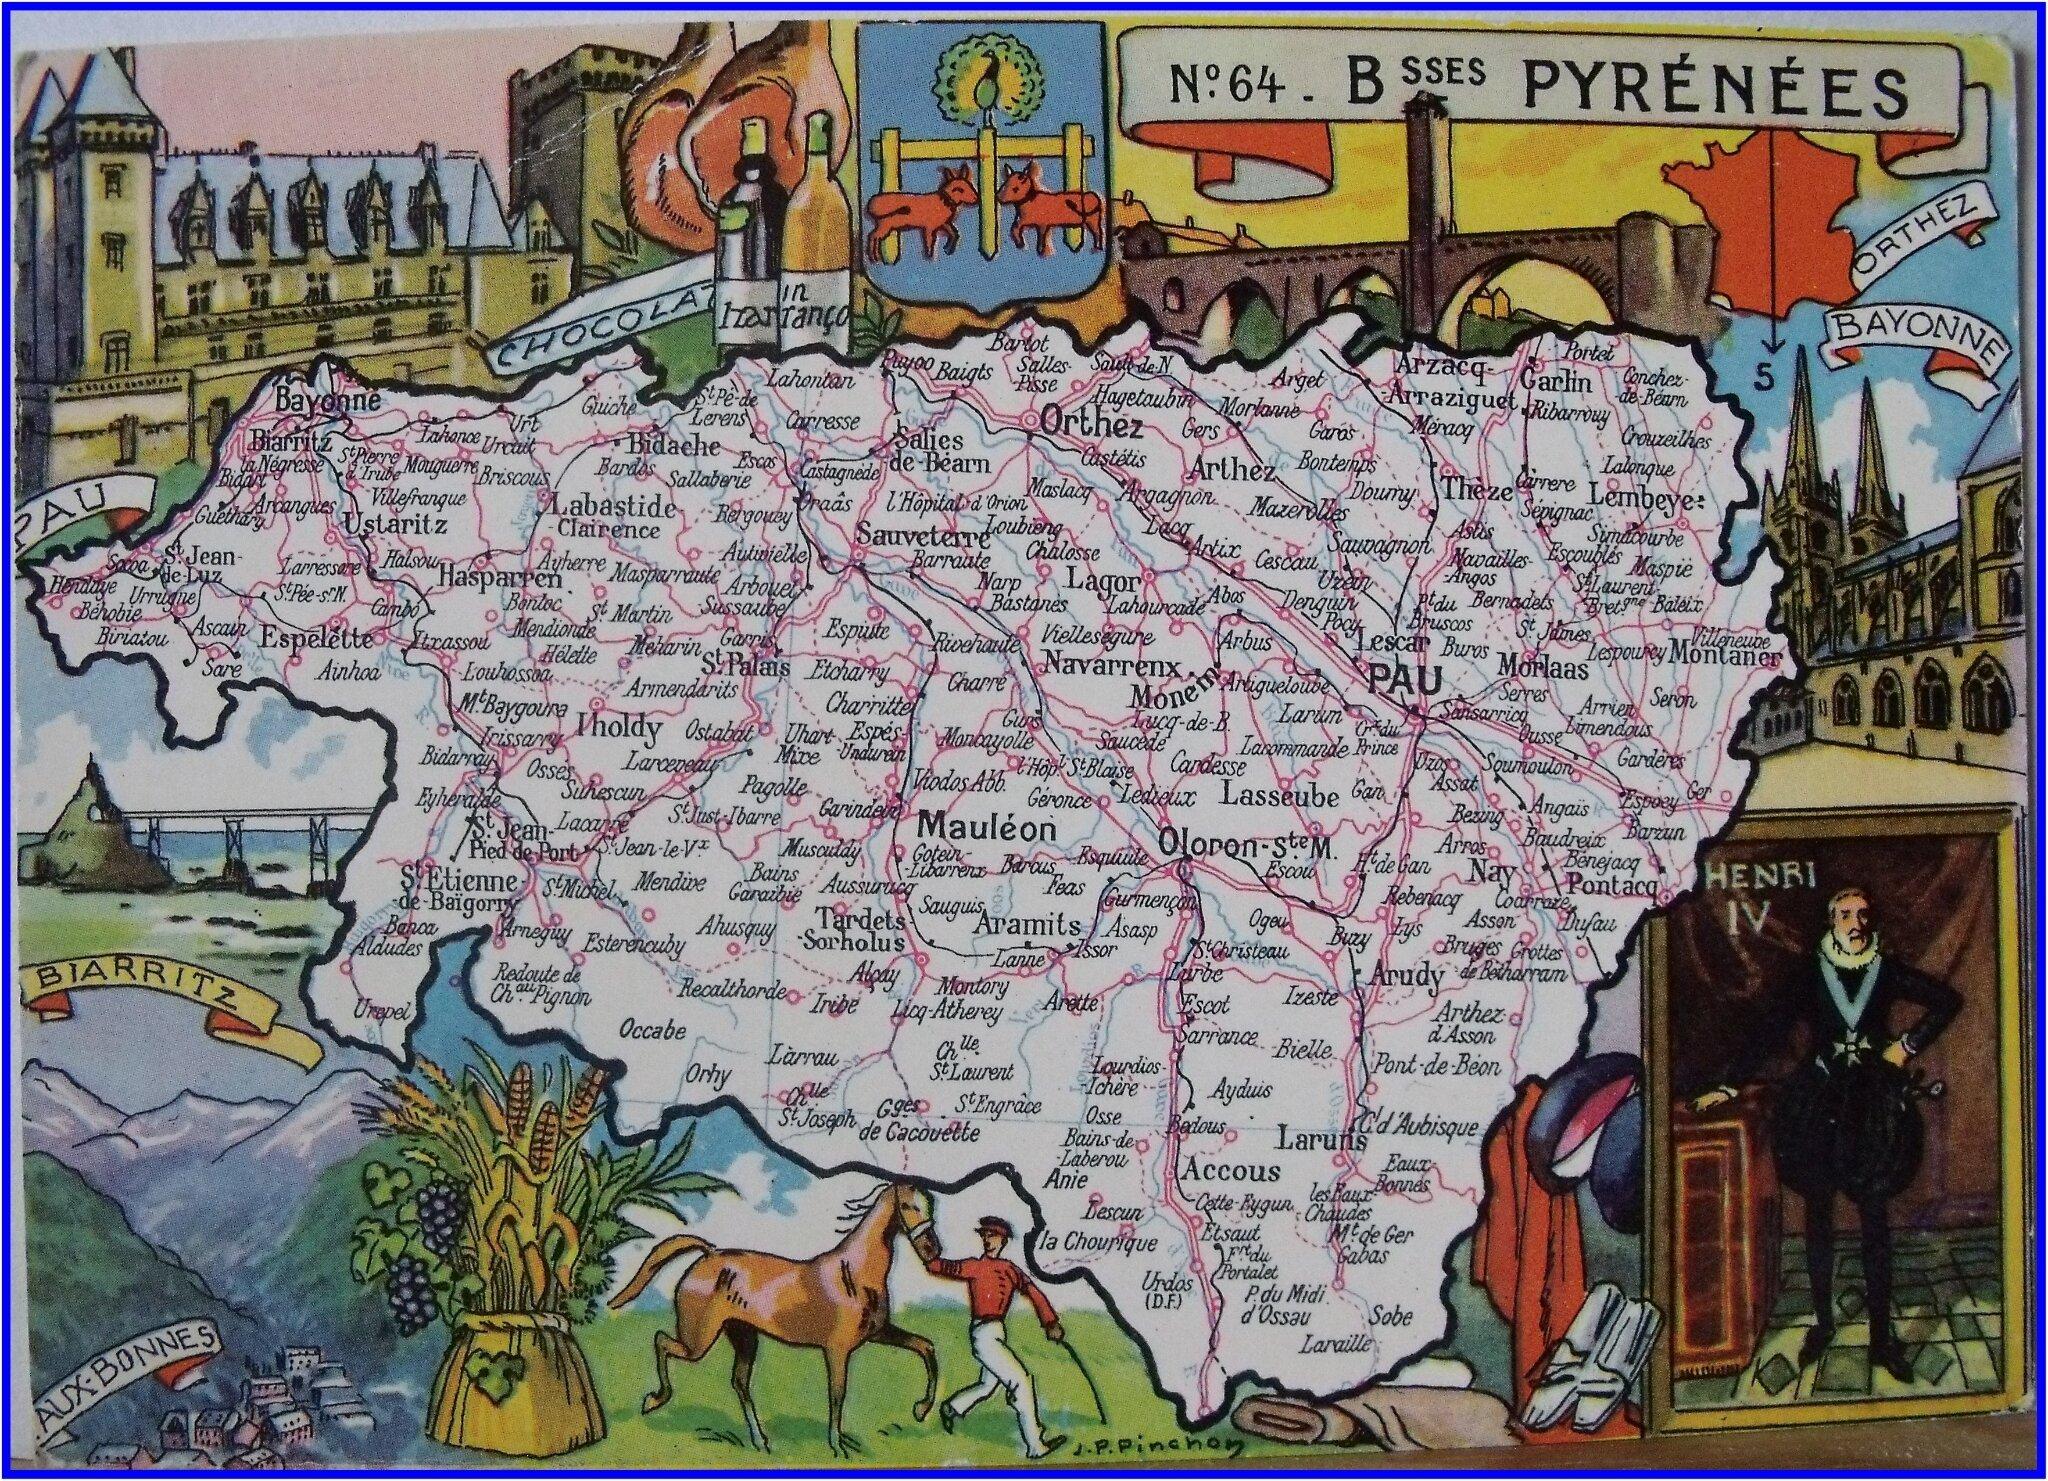 0 Pyrénees Atlantiques ex Basses Pyrénées